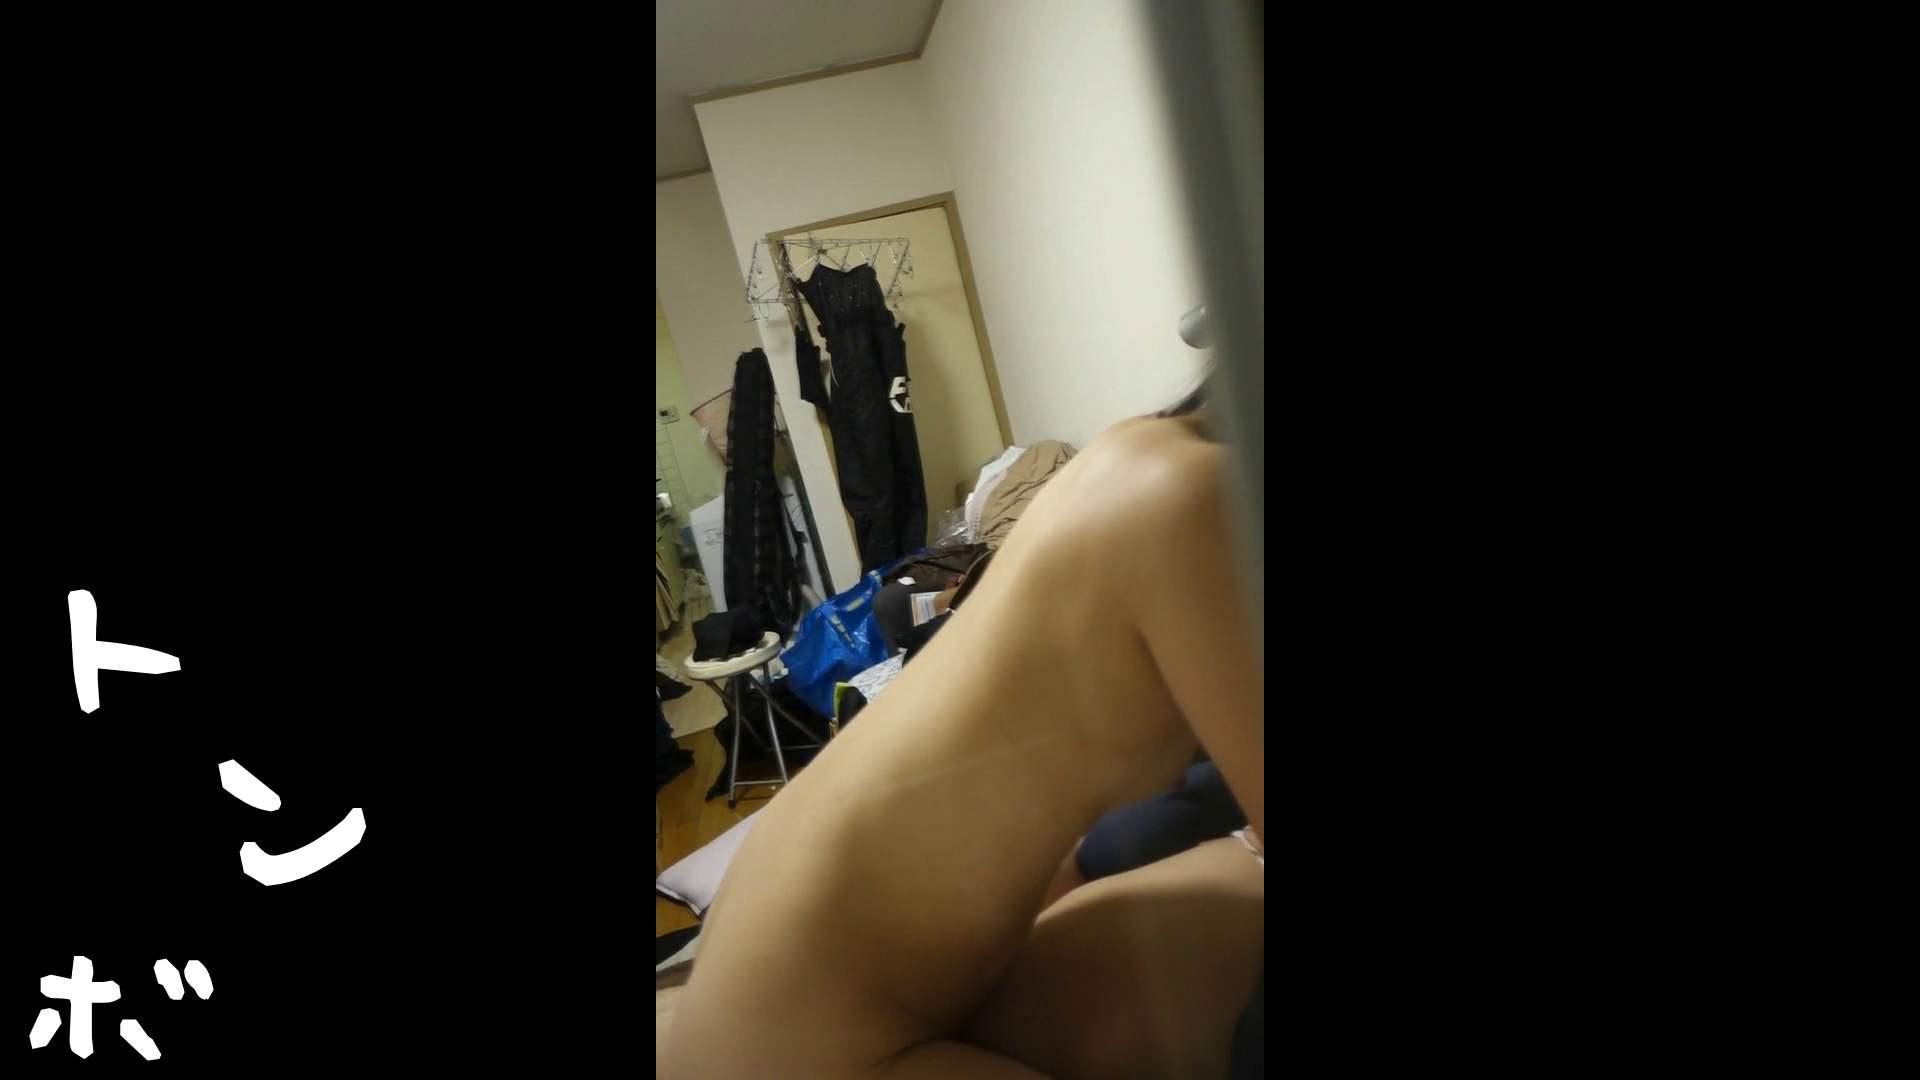 ▲2017_08位▲ 【02位 2016】盗撮美人女子大プライベートSEX SEX | 盗撮エロすぎ  74連発 14